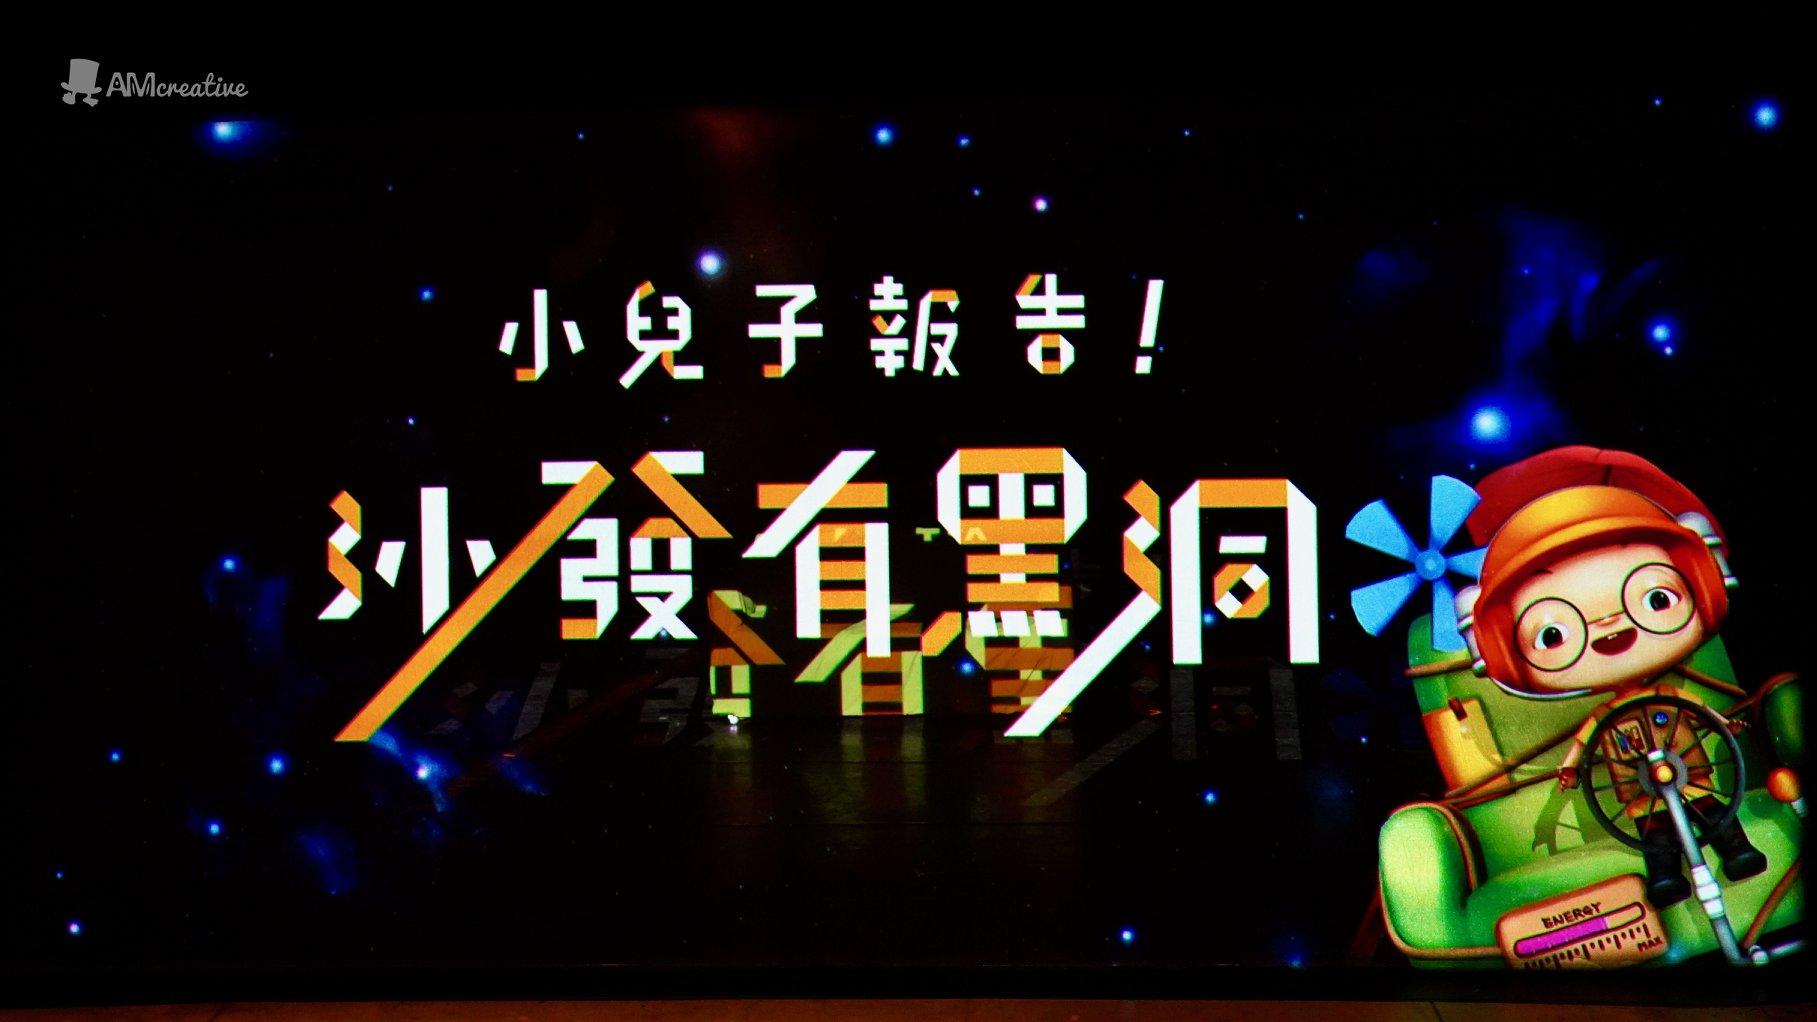 台灣首部動畫音樂劇《 #小兒子報告! #沙發有黑洞》將於6月首演